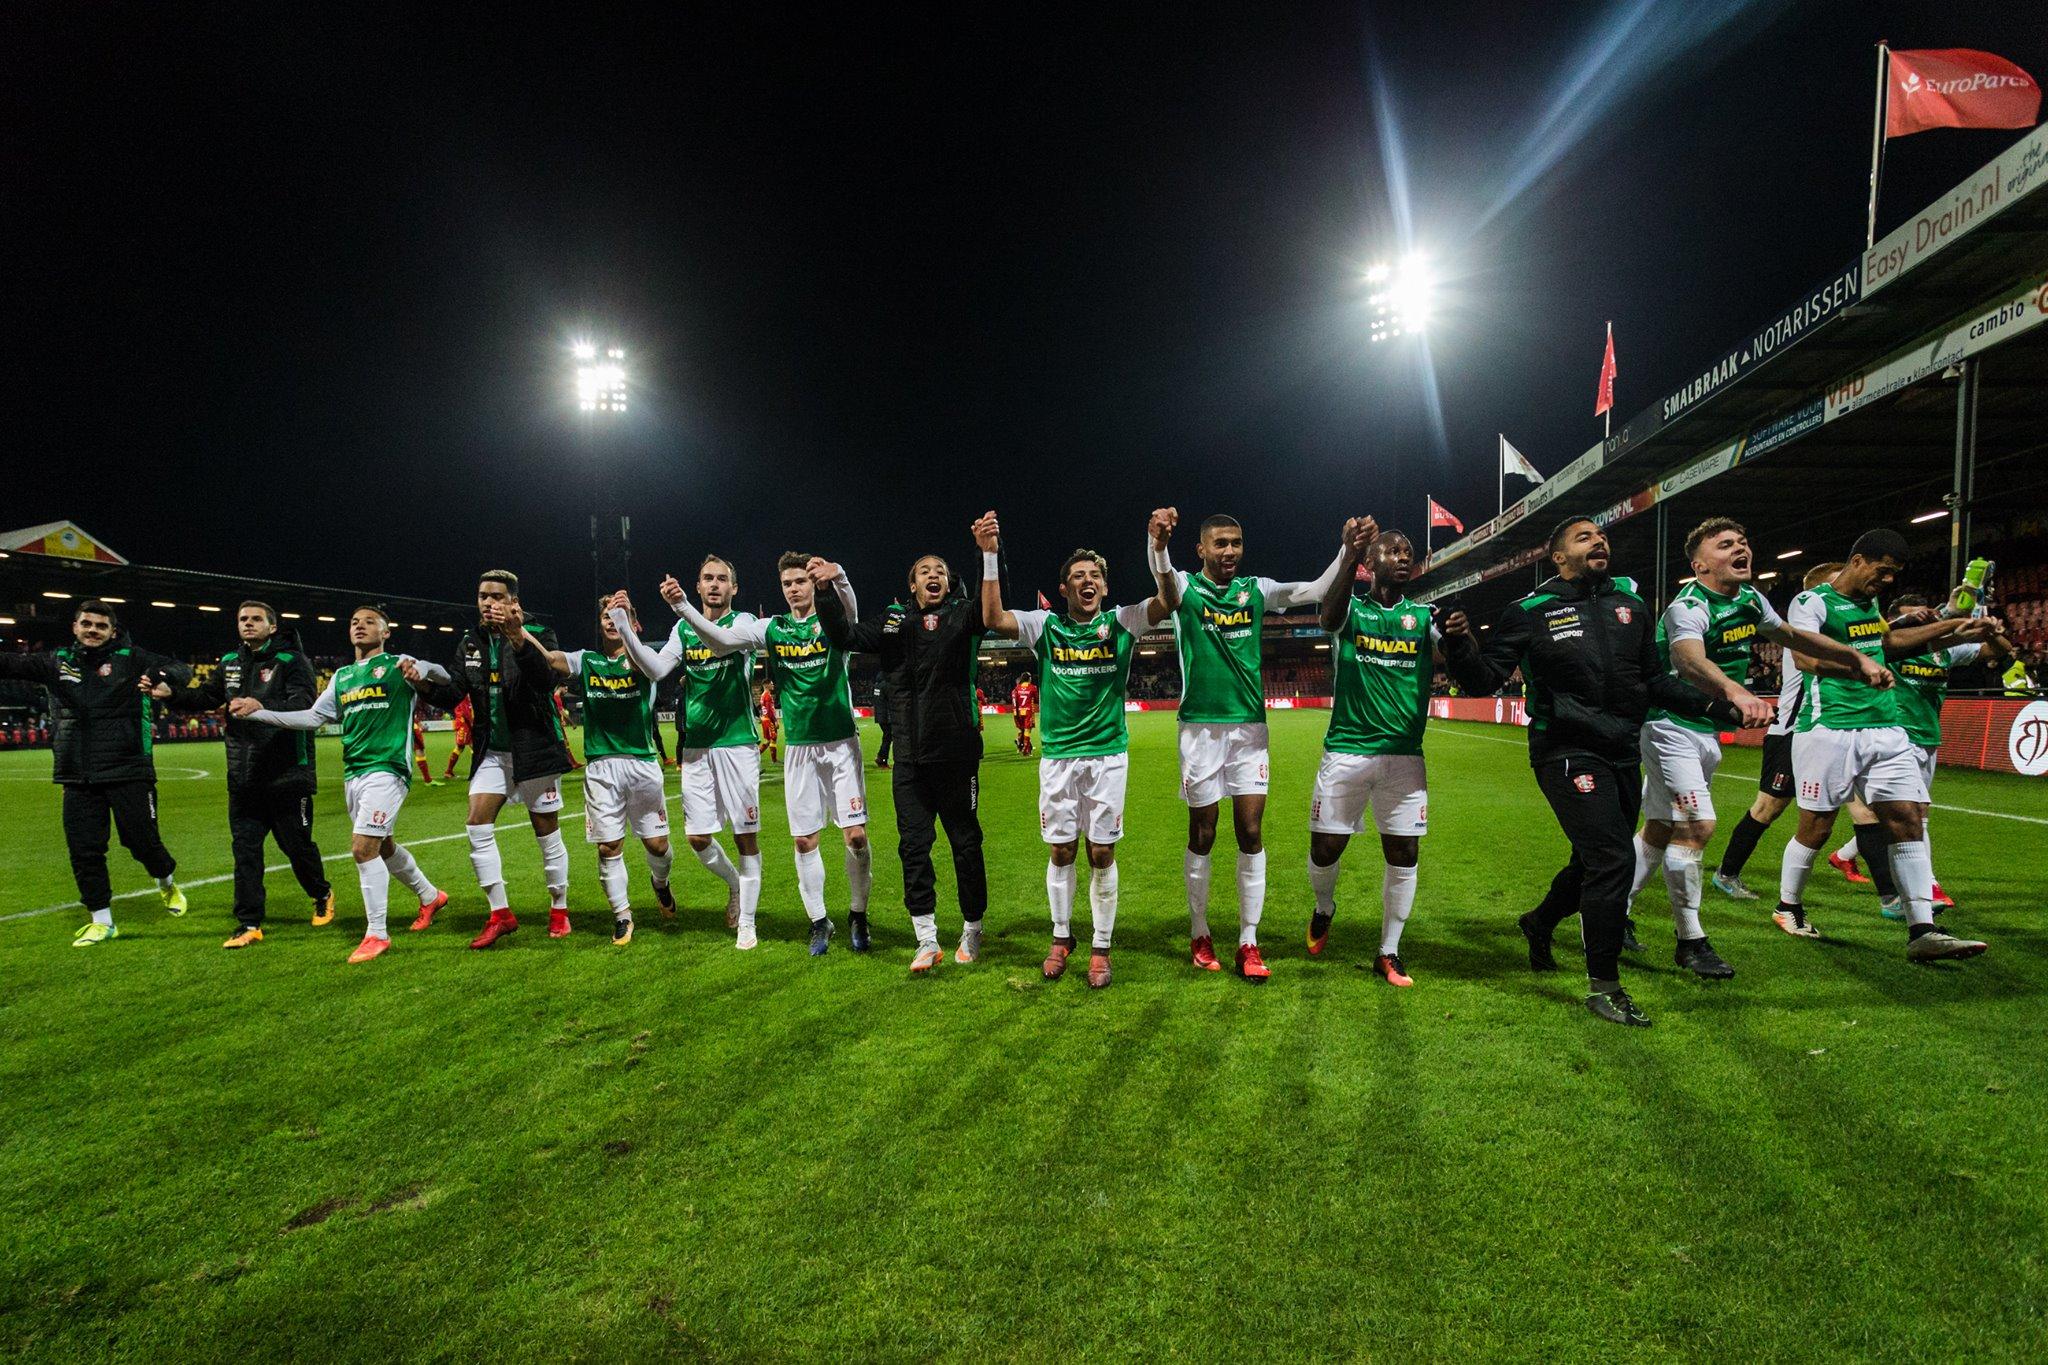 Eerste Divisie, Dordrecht-Telstar pronostico: locali ultimi